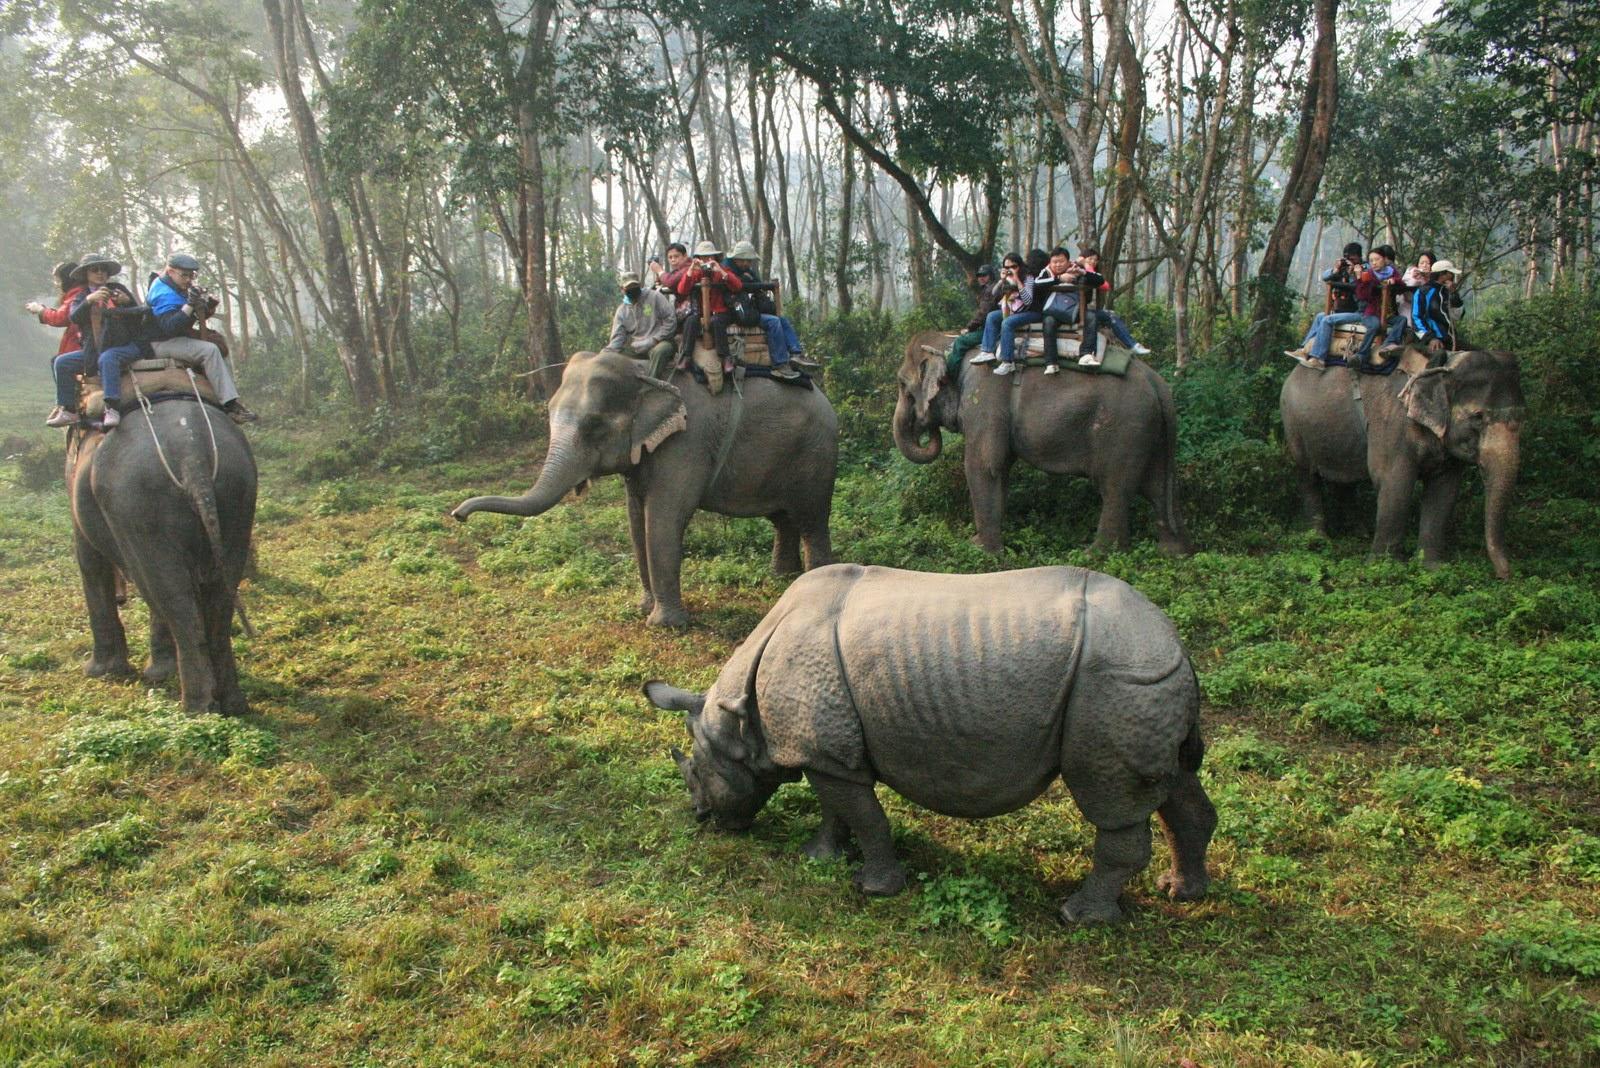 jungle safari tours in chitwan national park